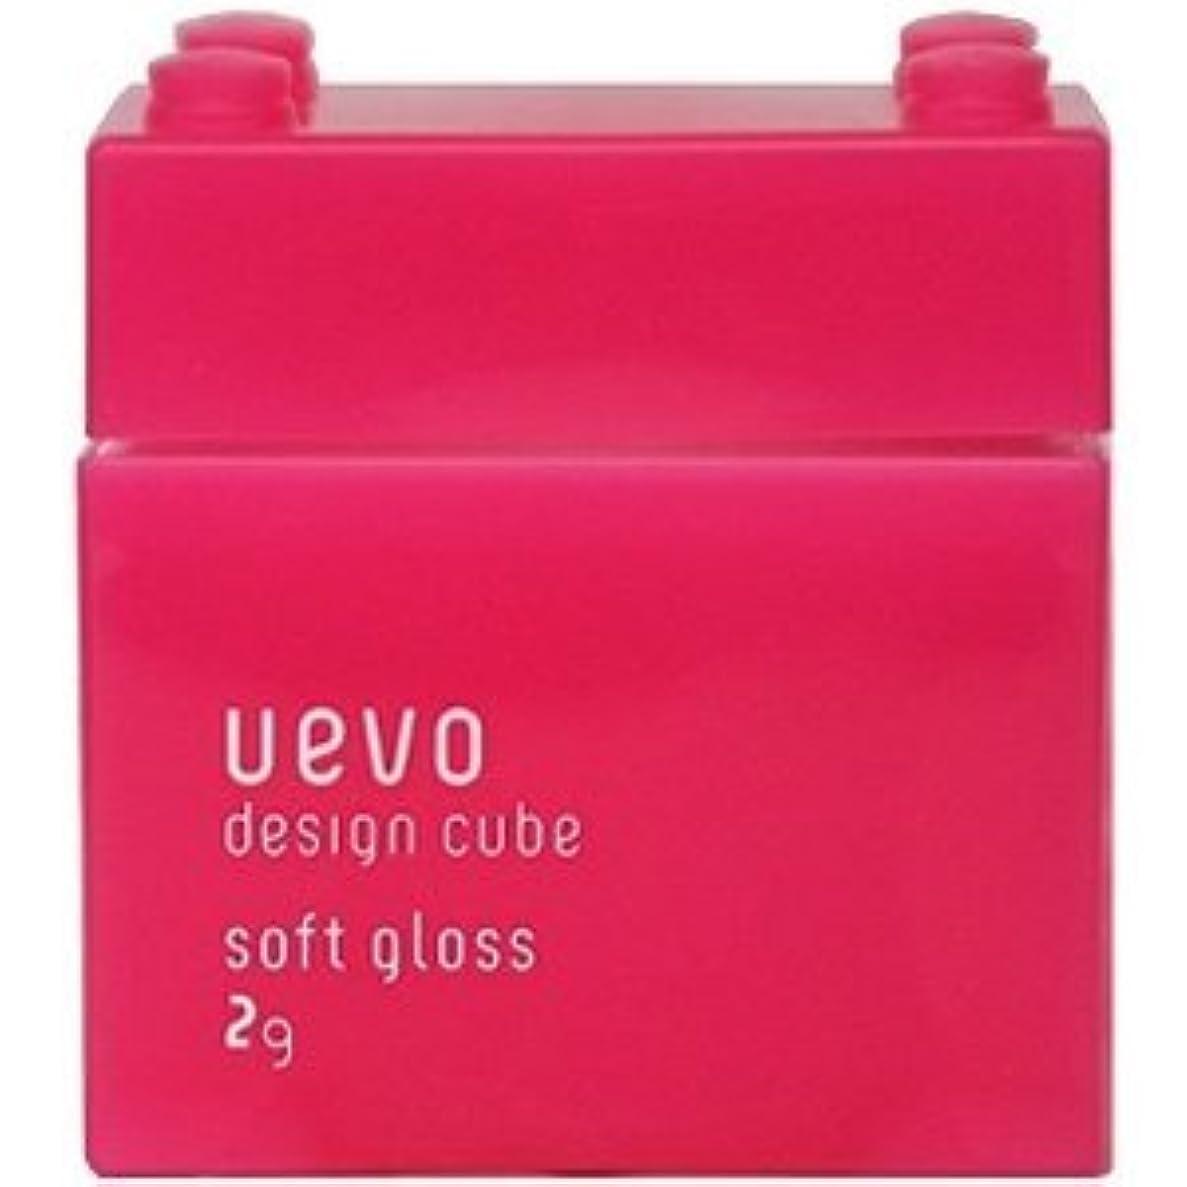 小屋独特の摂氏度【X3個セット】 デミ ウェーボ デザインキューブ ソフトグロス 80g soft gloss DEMI uevo design cube